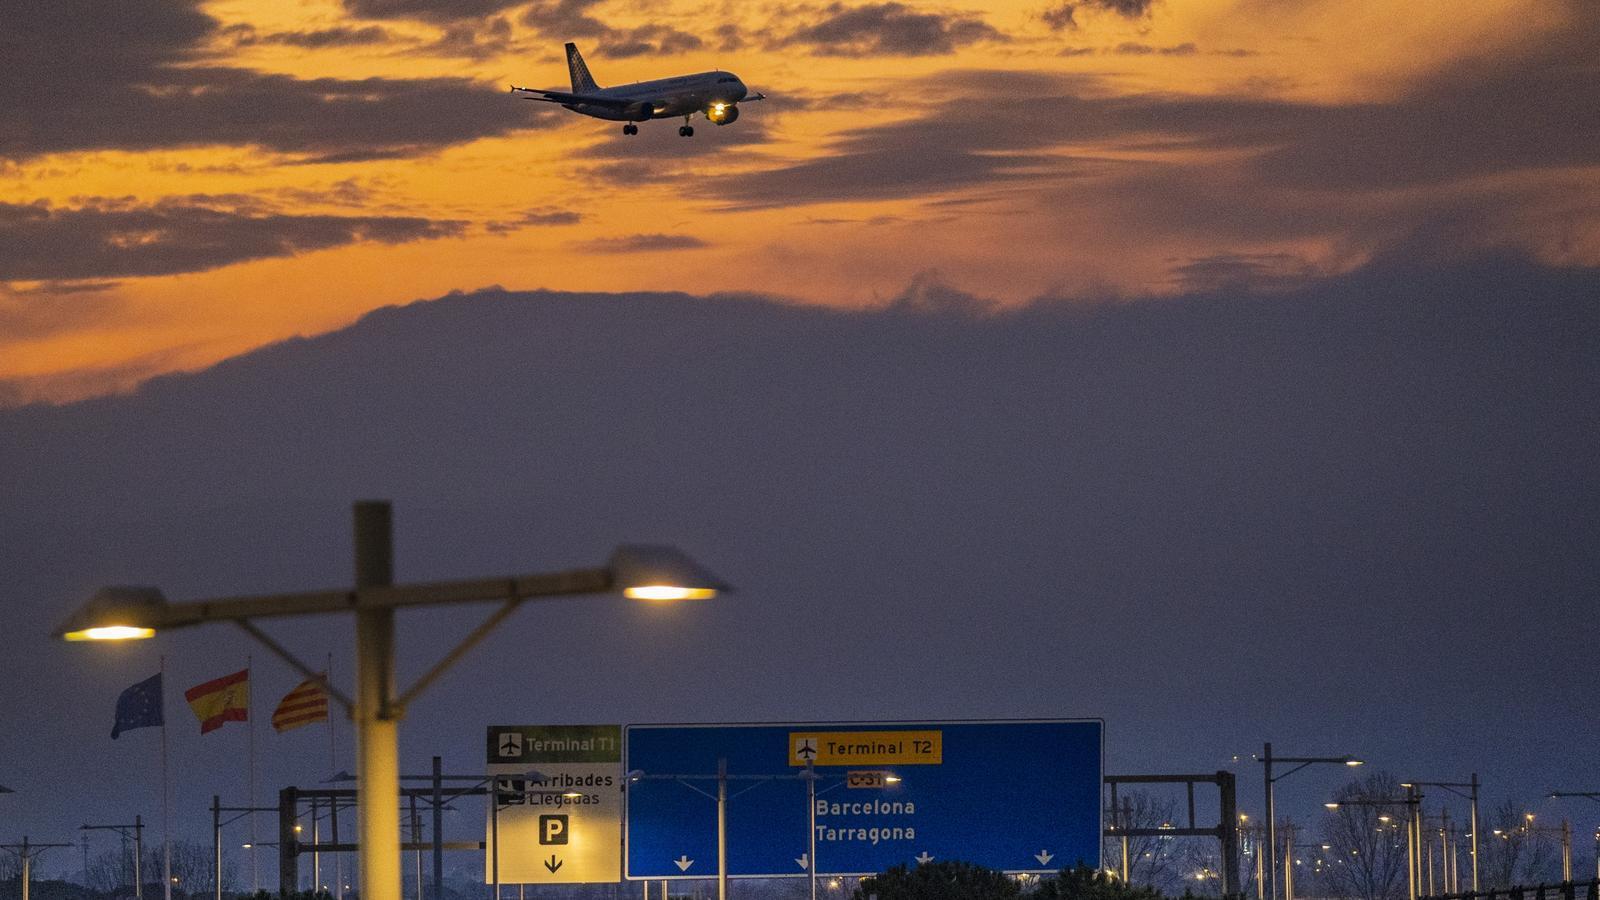 Un avió s'enlaira a l'aeroport del Prat, aquest mes de febrer.